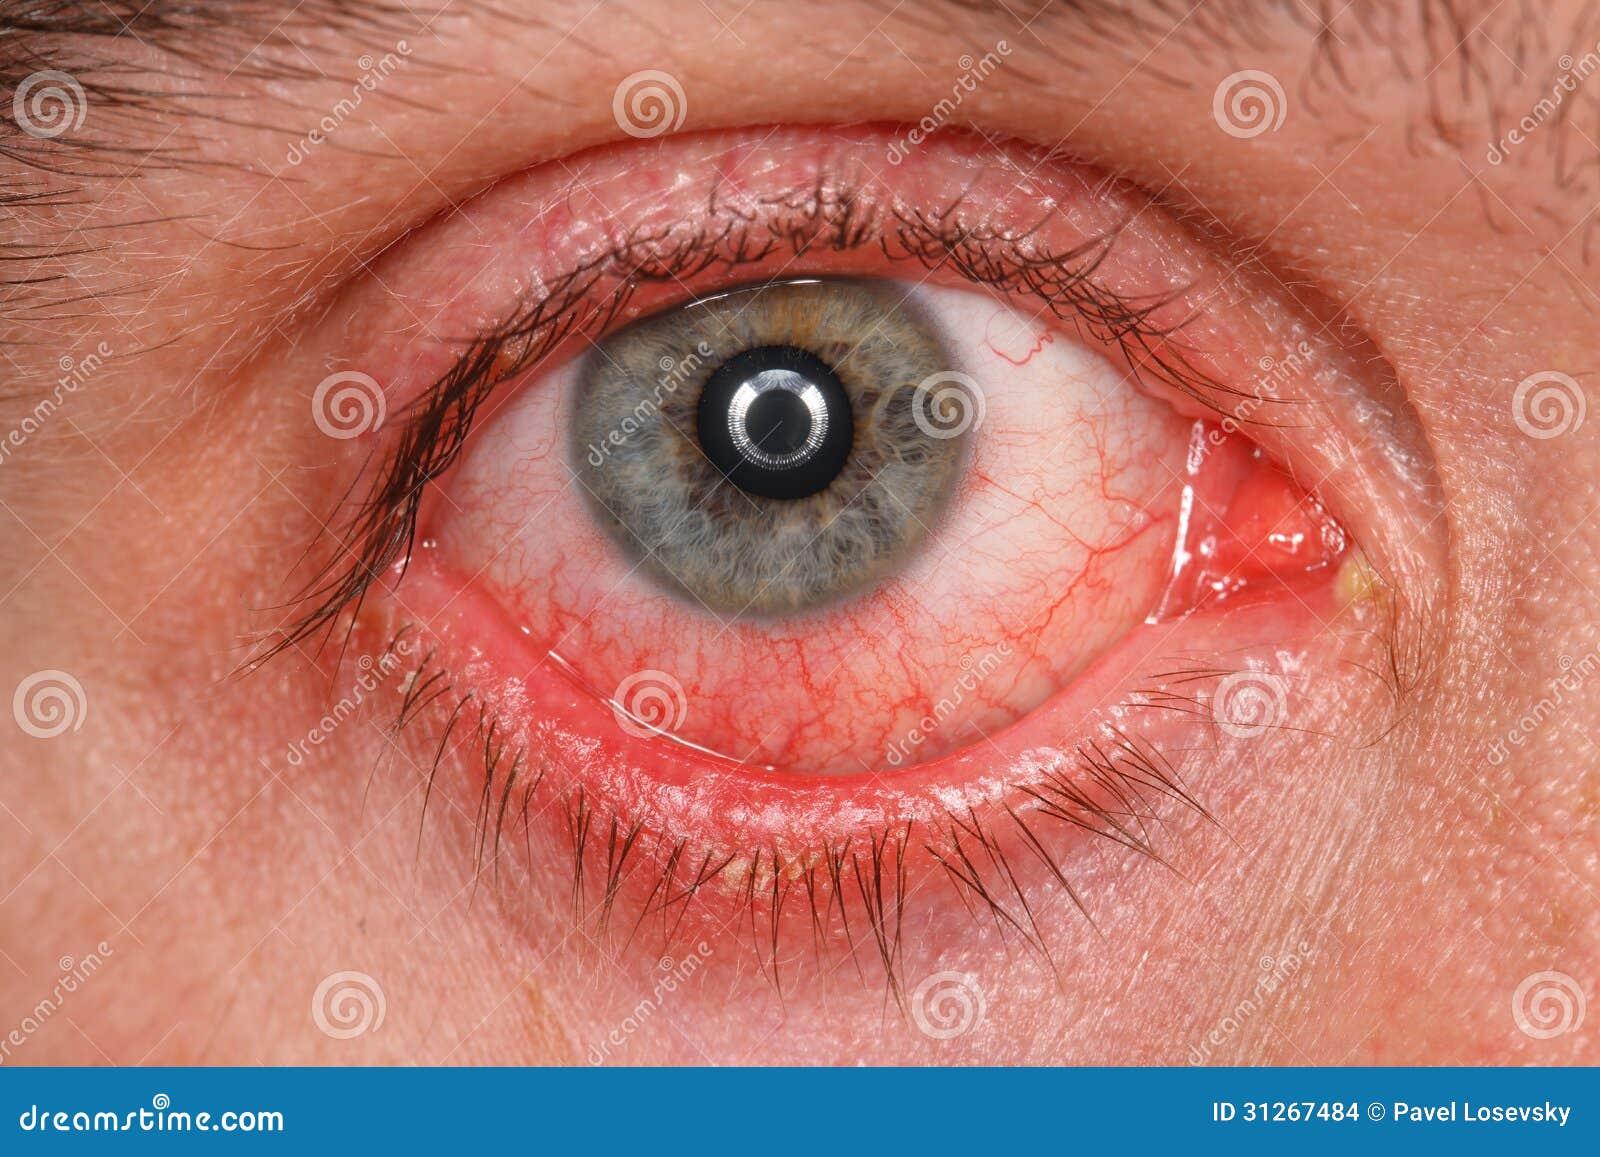 Oeil chronique de conjonctivite